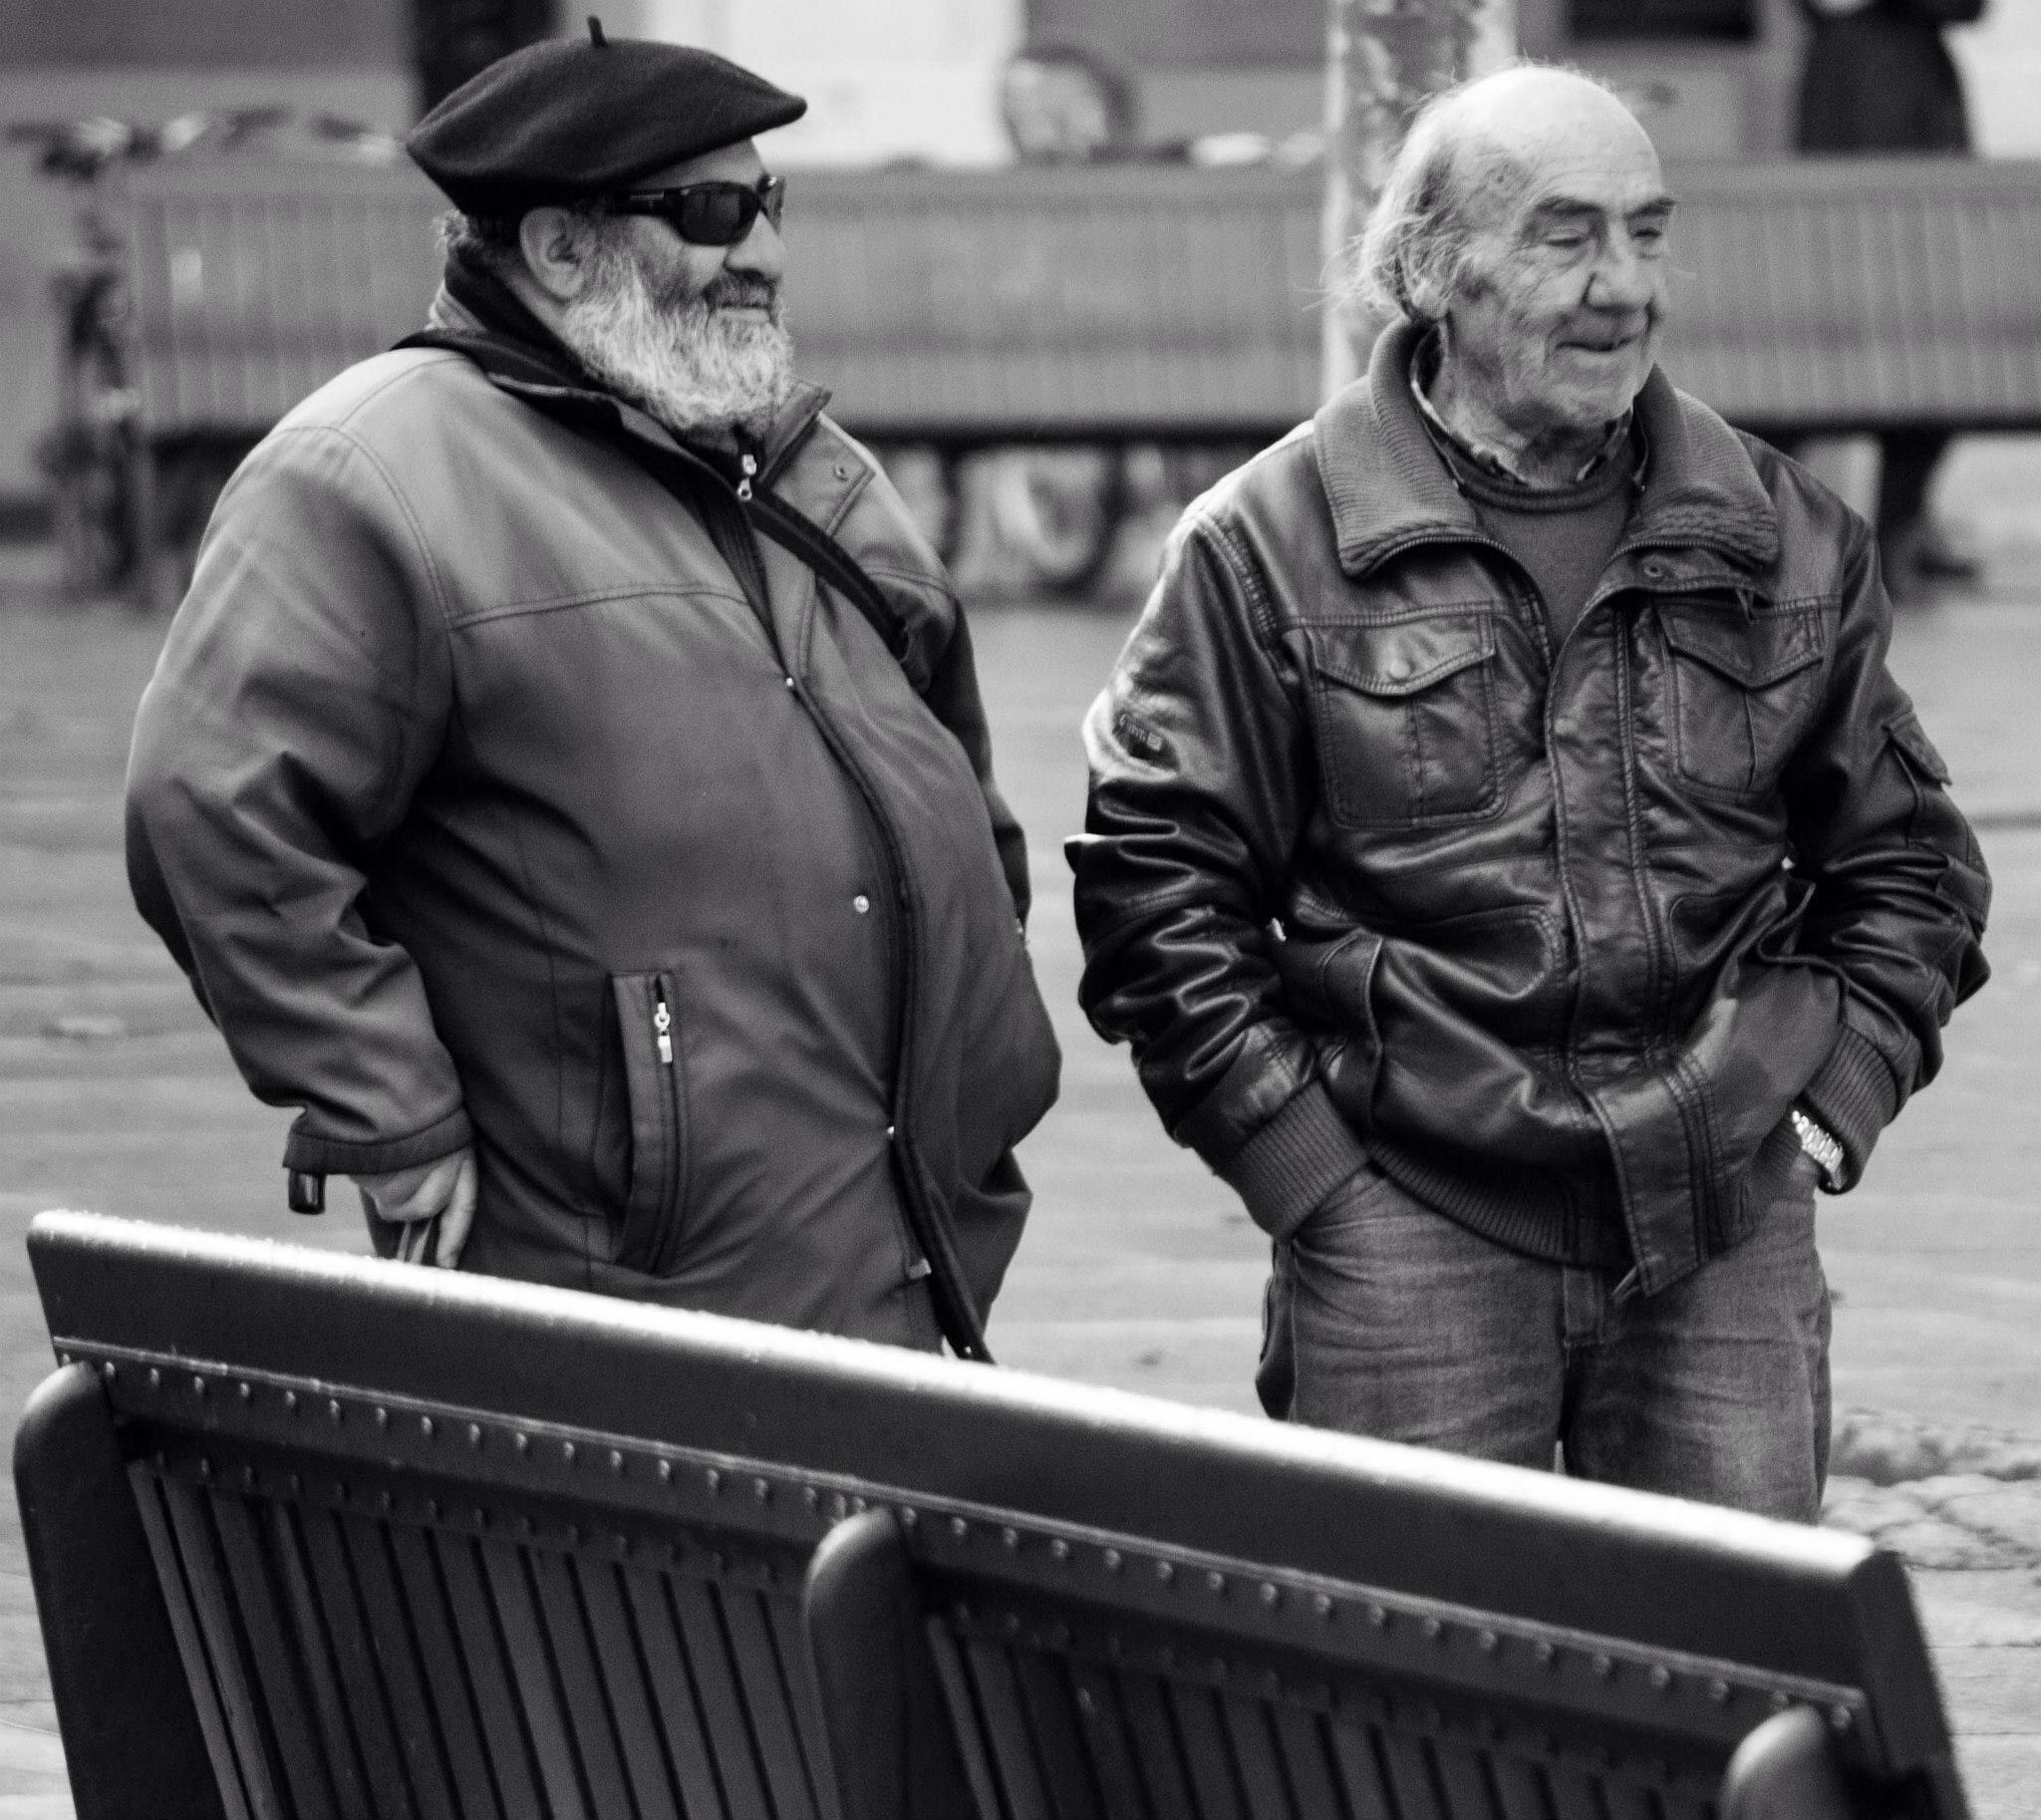 Old fellas by Lee Russell Wilkes